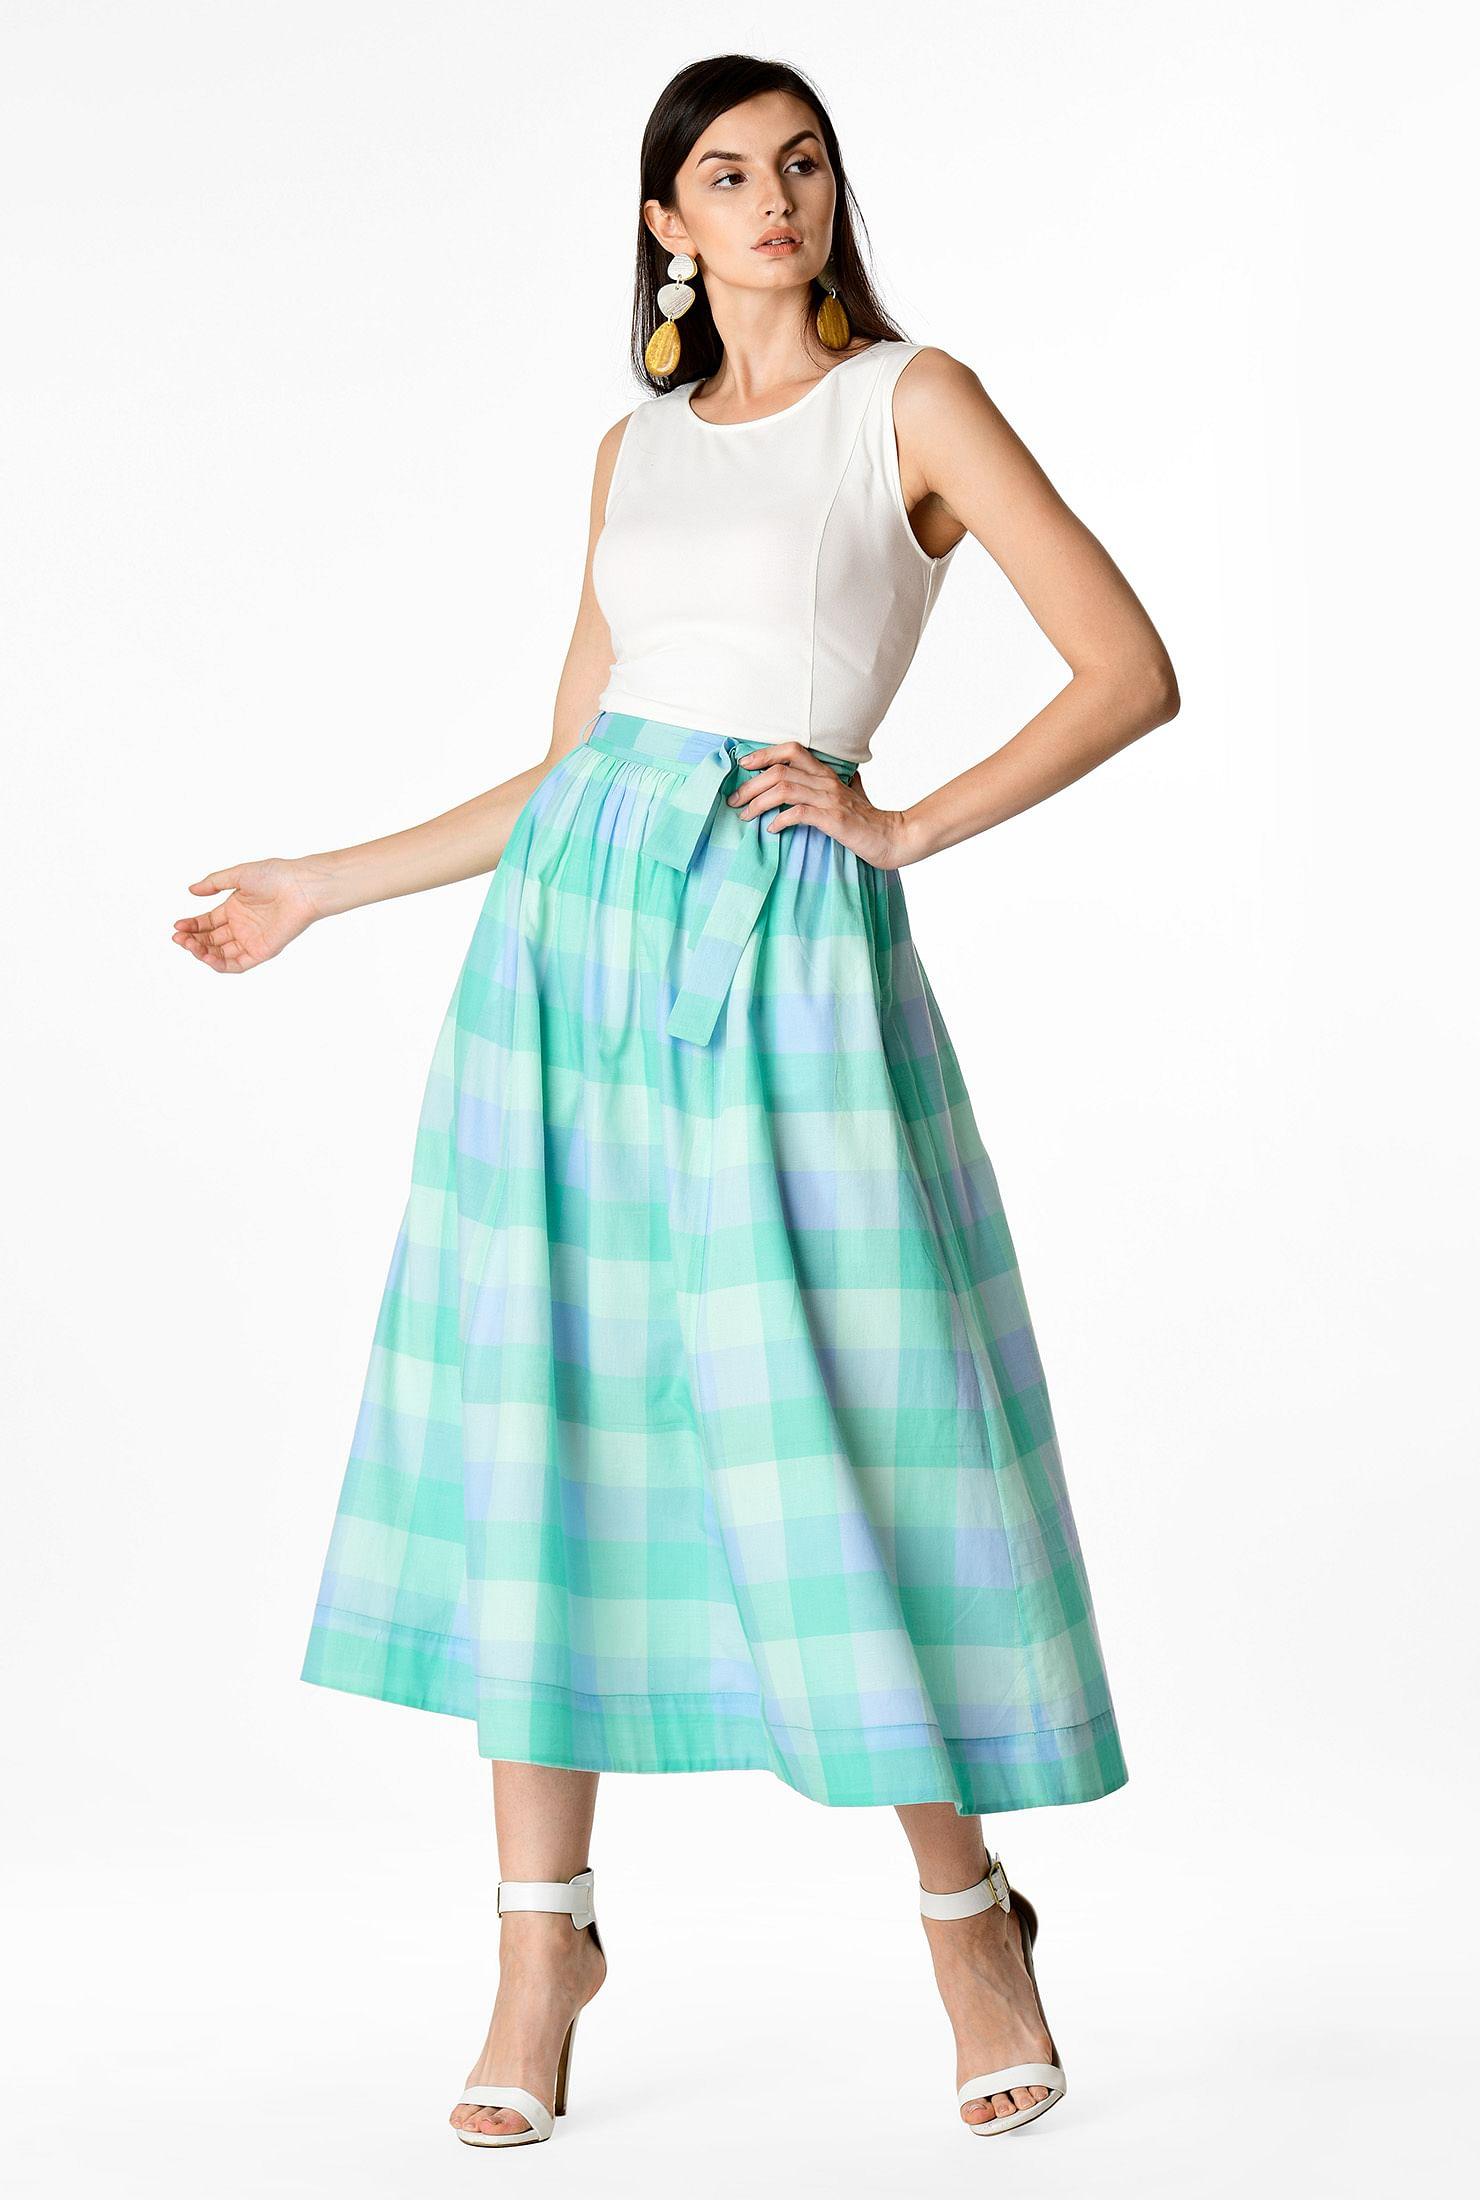 1fe25767ecb2 Women's Fashion Clothing 0-36W and Custom